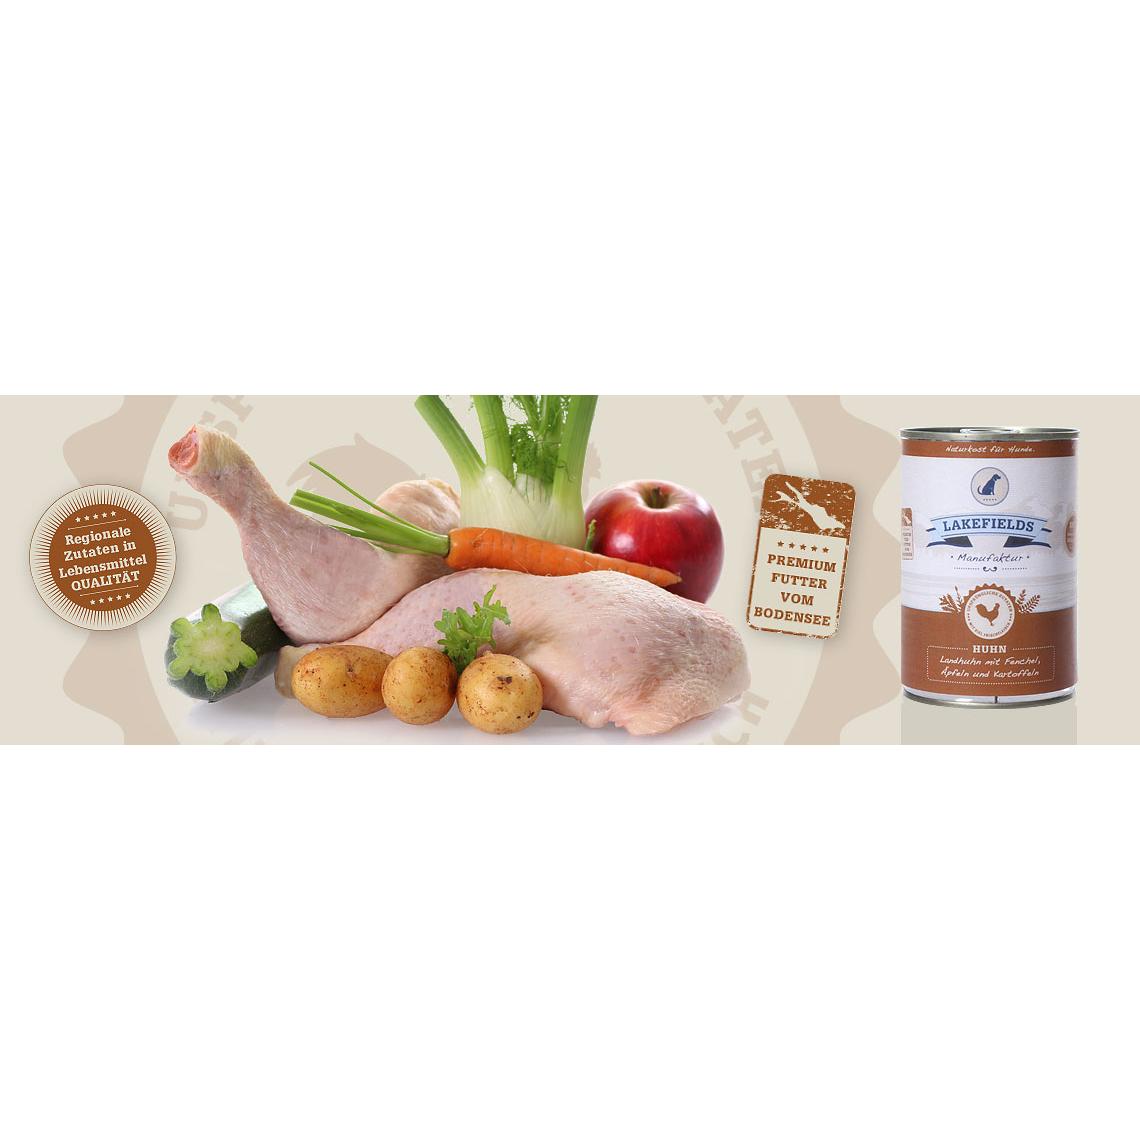 Lakefields Dosenfleisch-Menü Huhn, Bild 5